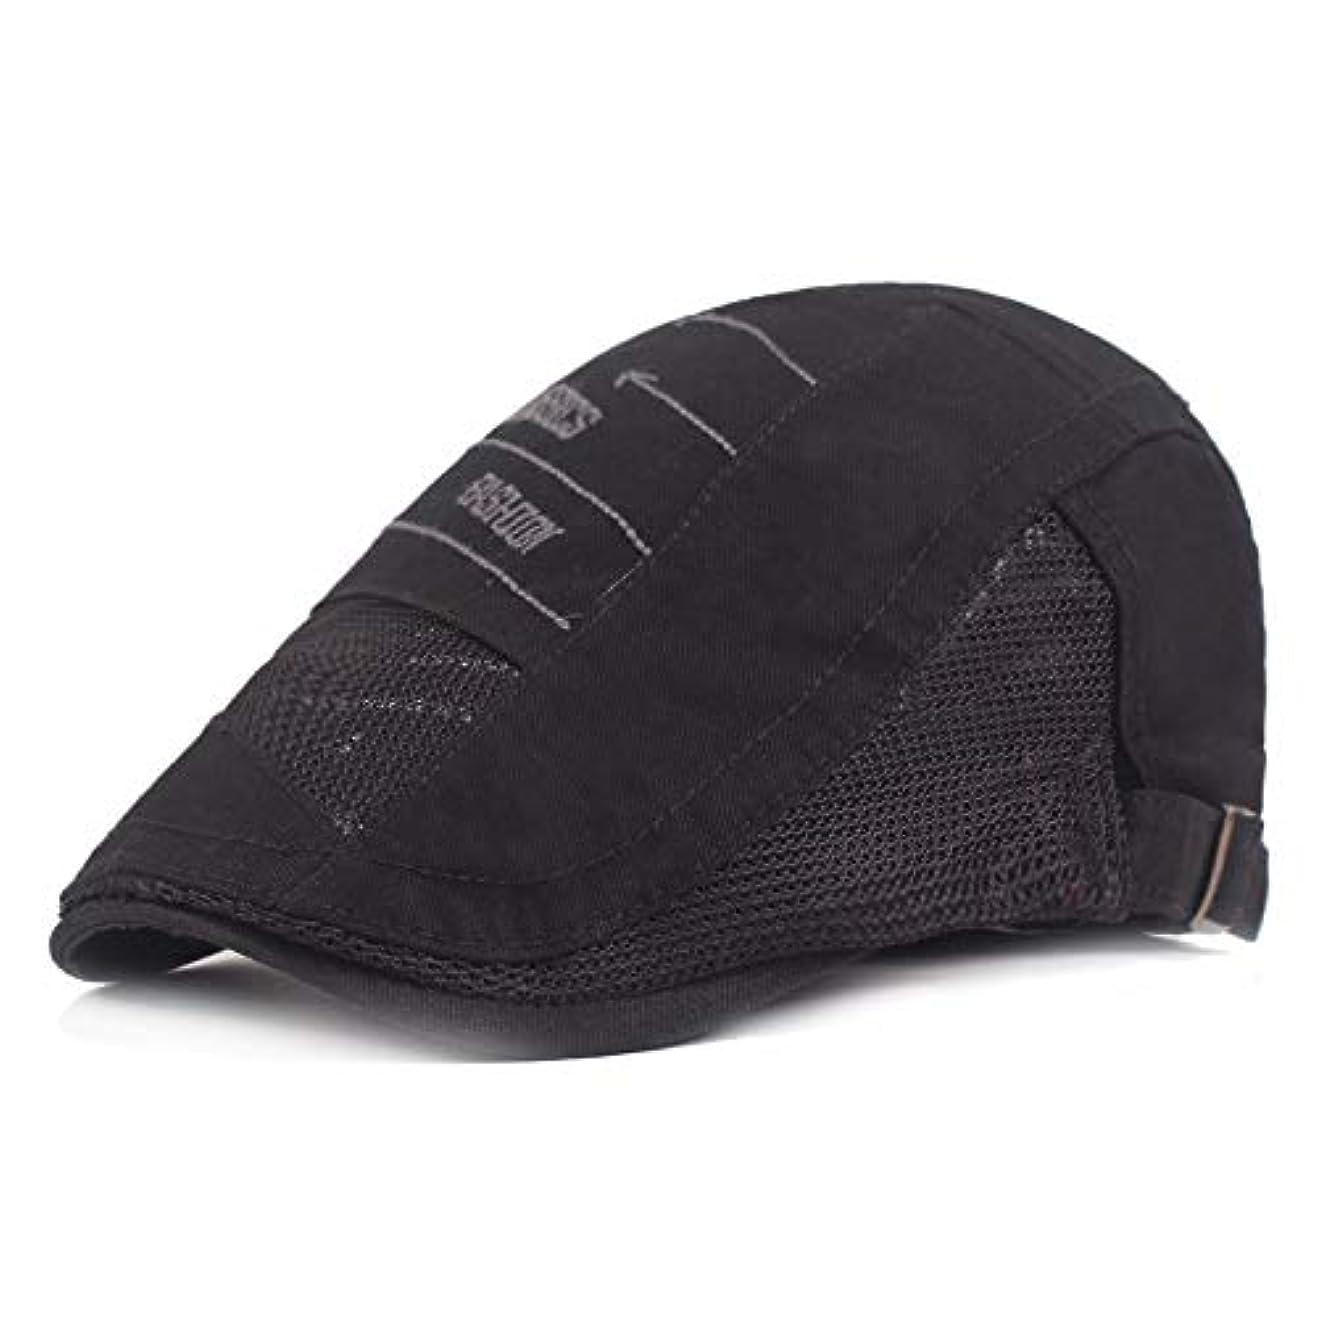 認識ガイダンスまっすぐサマー ベレー帽 メッシュ キャスケットハンチング帽 メンズ レディース ハット トレッキング日よけ 帽子